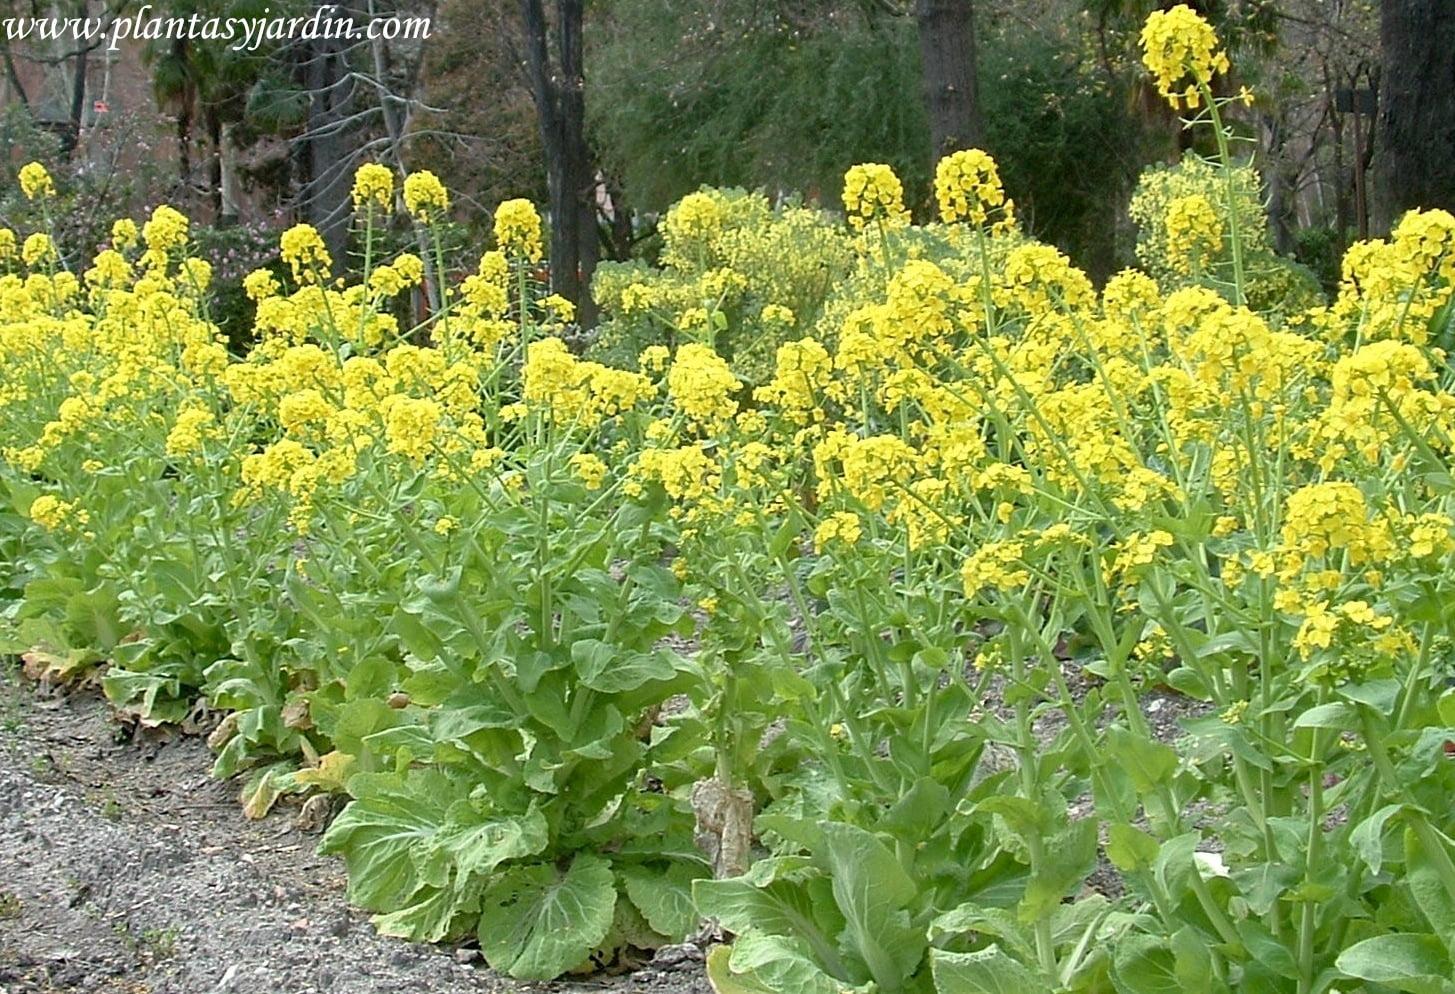 cultivo de Col china, en flor, durante el verano.